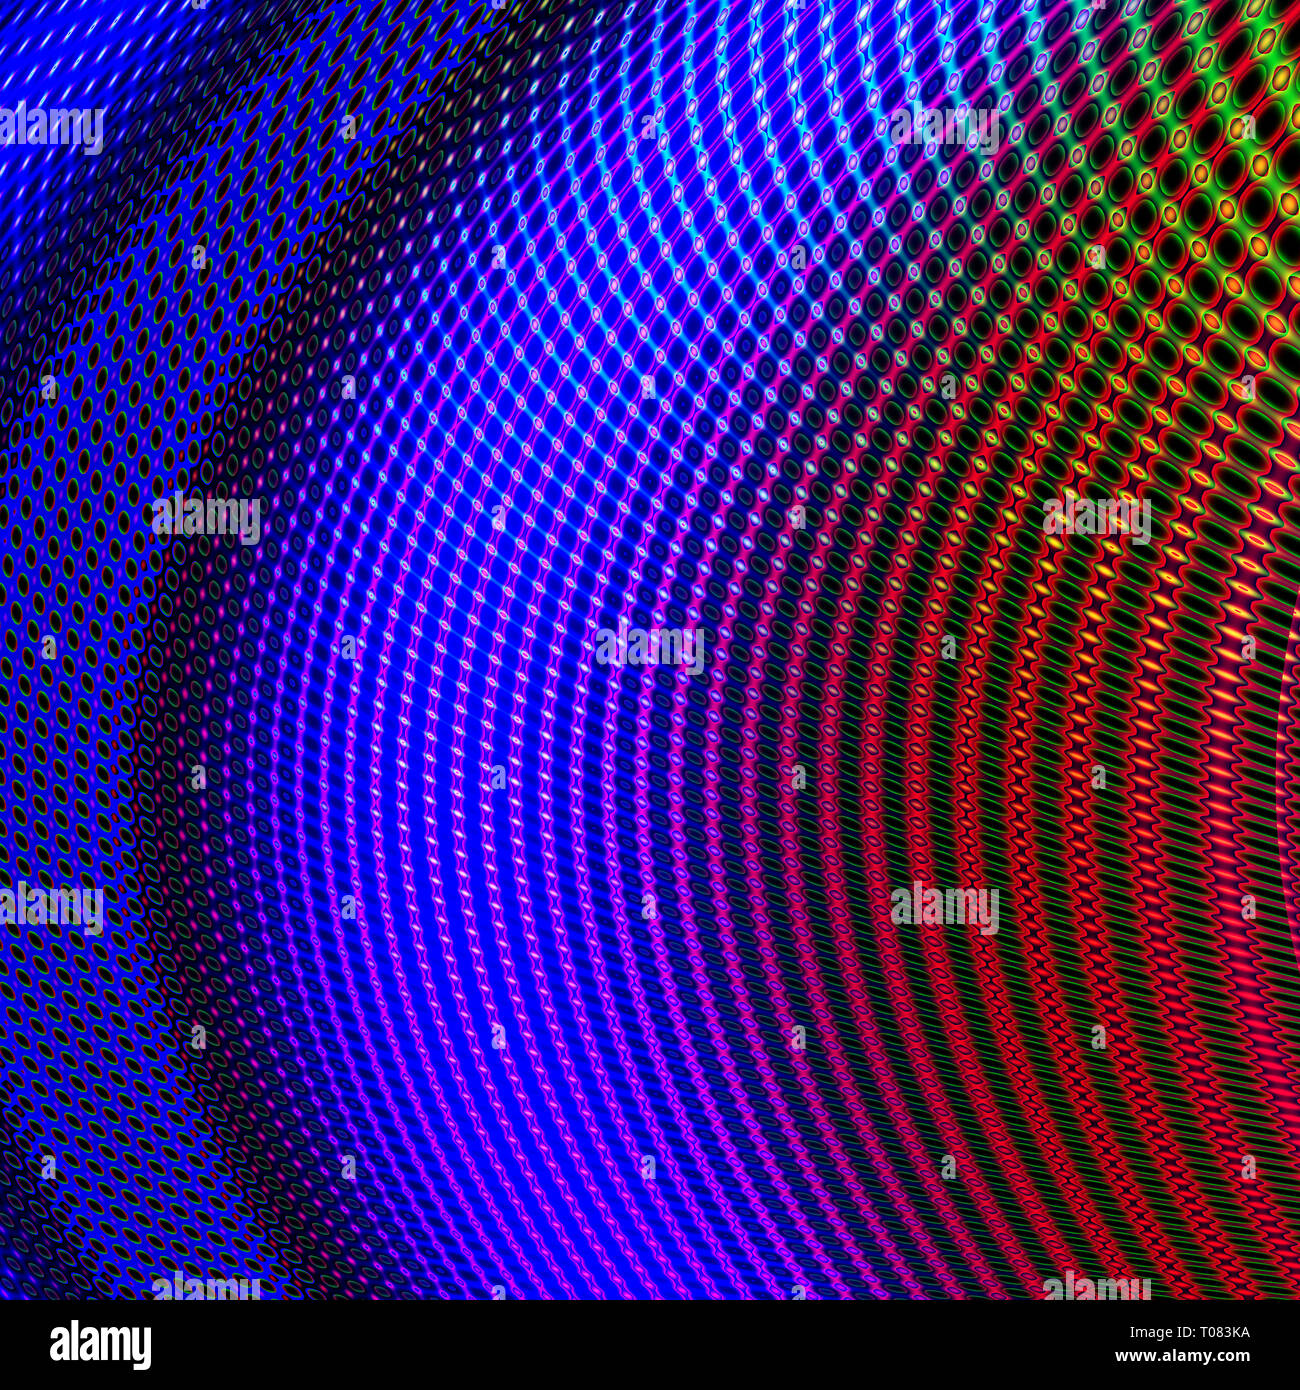 Linee curve con diversi colori incrocio formando una vista perspectivic, decorativo ed estetico. Le curve sono luminose ed eleganti Immagini Stock